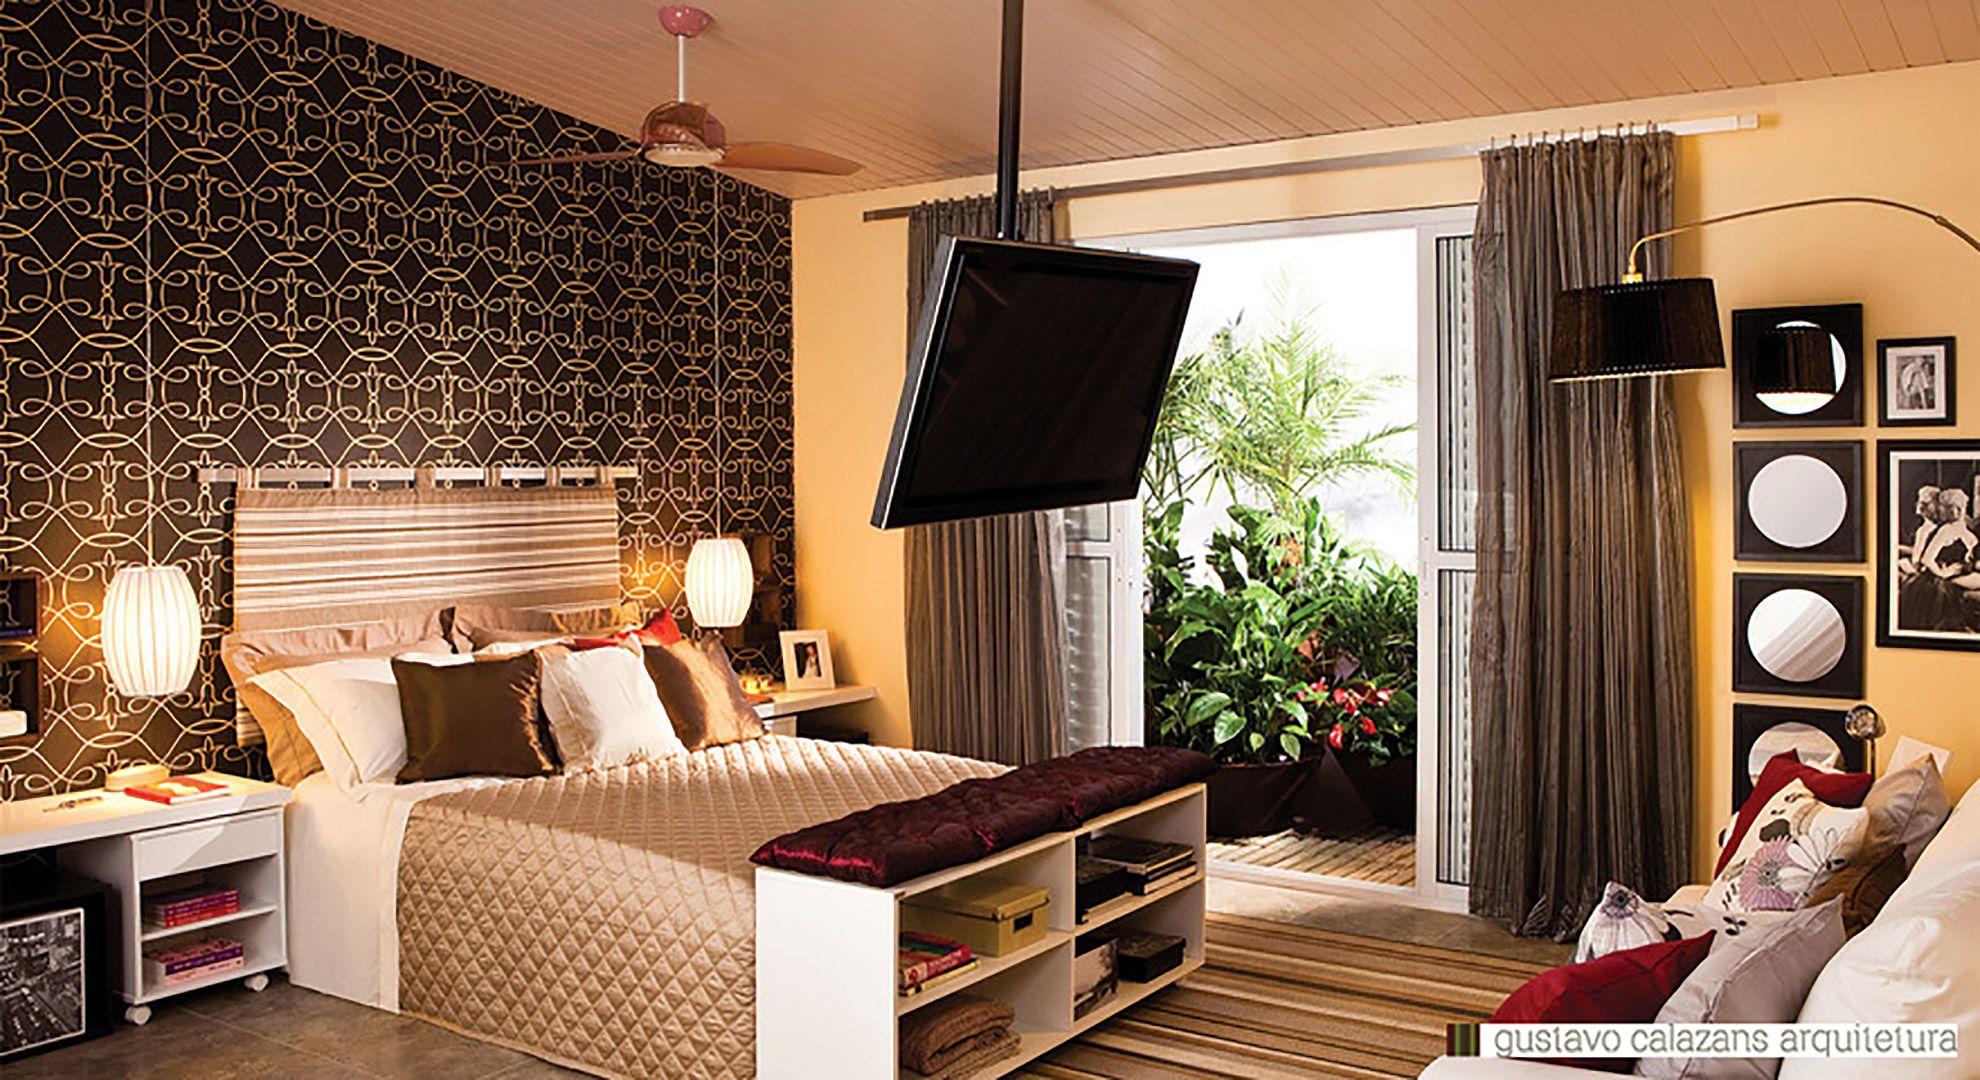 fernseher schlafzimmer einbauschrank schlafzimmer ikea innendesign ideen schwarzes bett emma. Black Bedroom Furniture Sets. Home Design Ideas